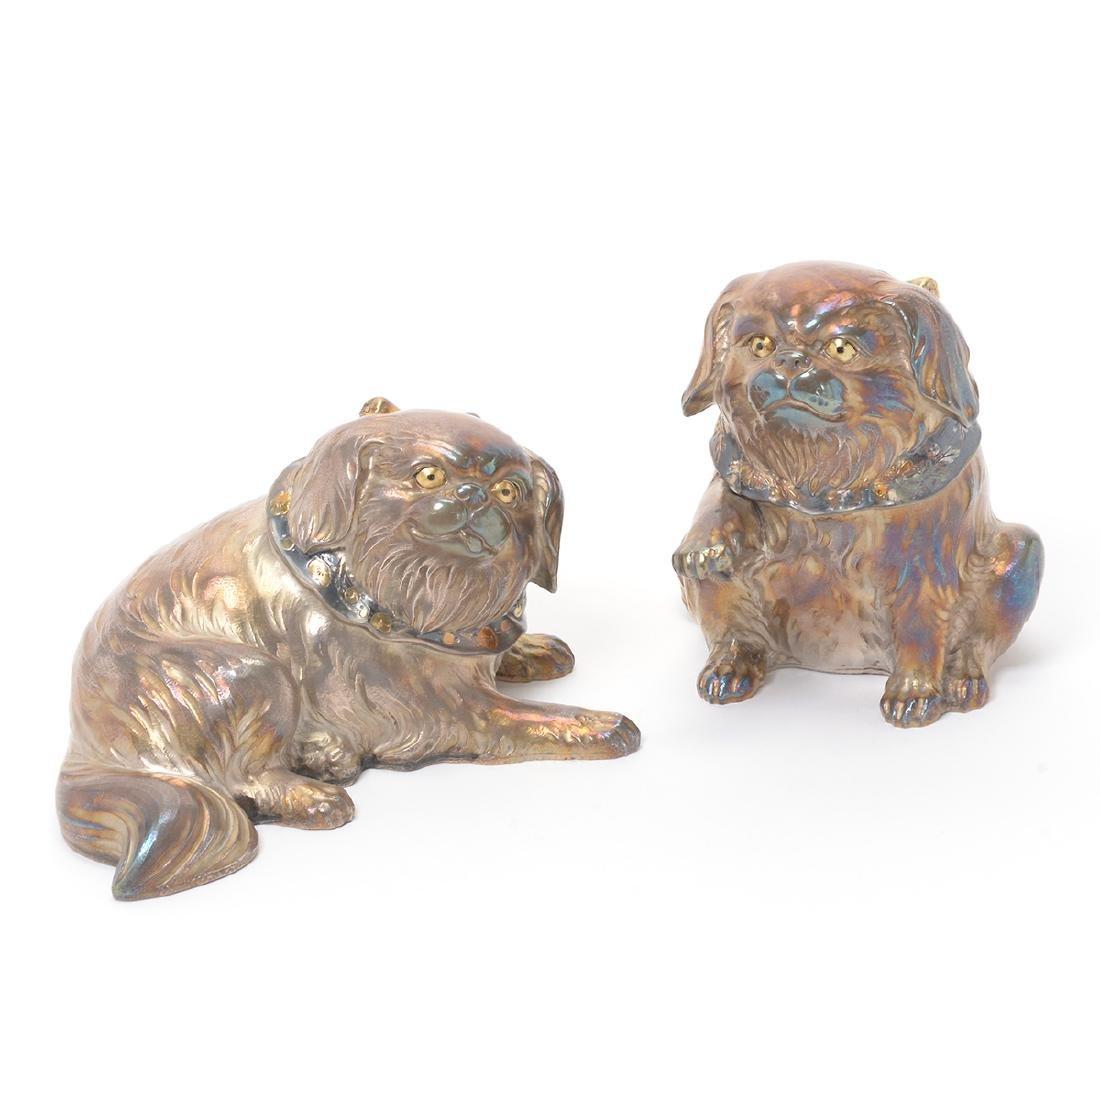 Pair of Japanese Silver Models of Pekingese